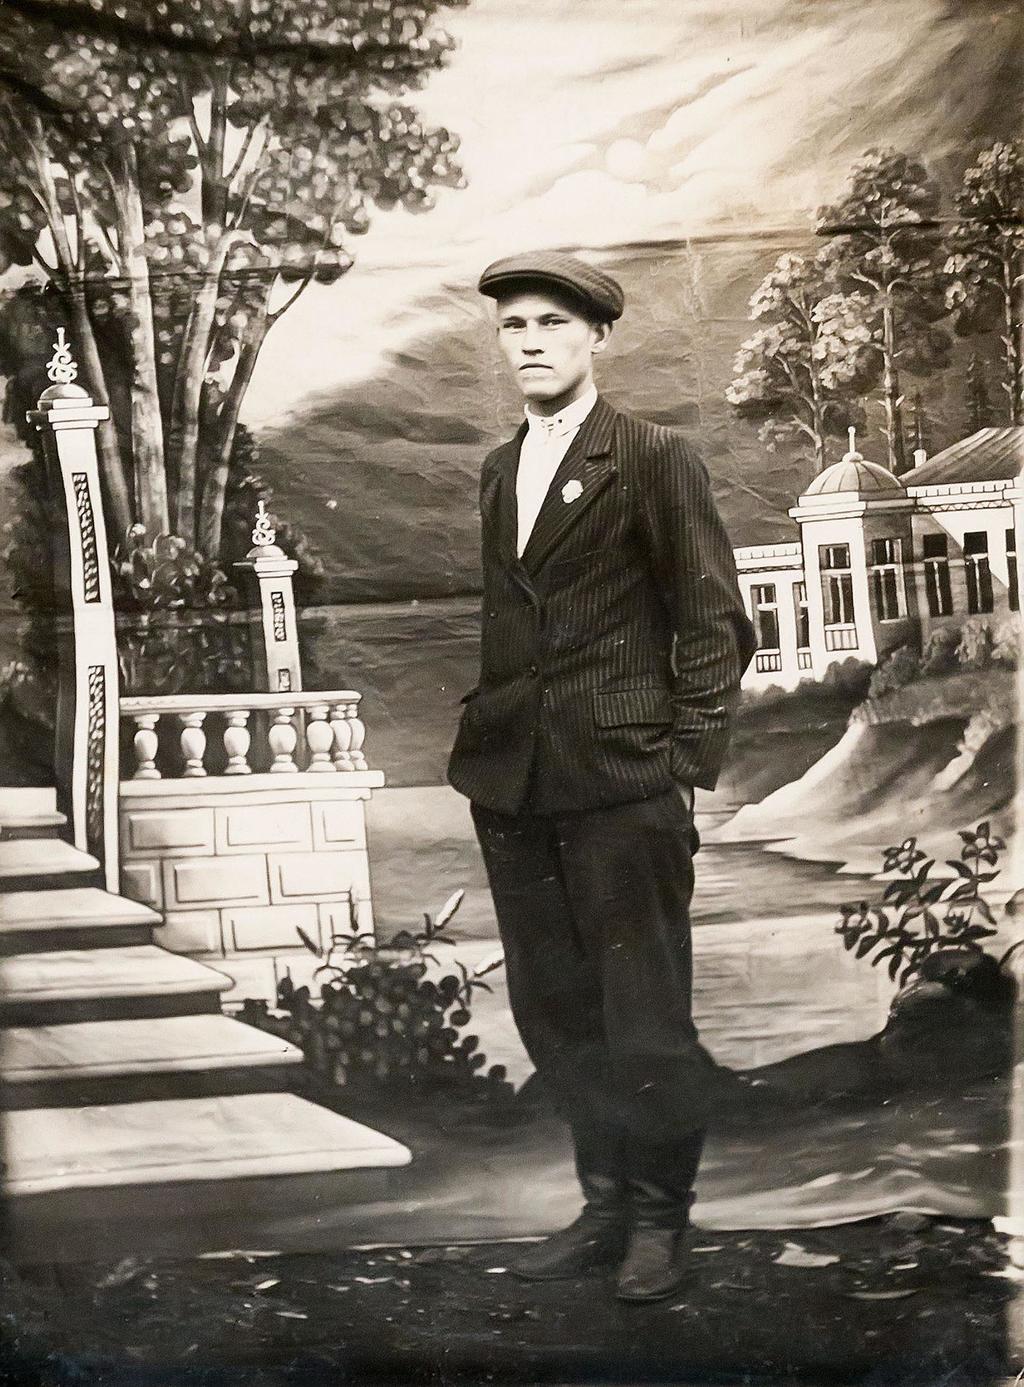 Фото. Садриев С.С. – Герой Советского Союза. 1930-е годы ©Tatfrontu.ru Photo Archive